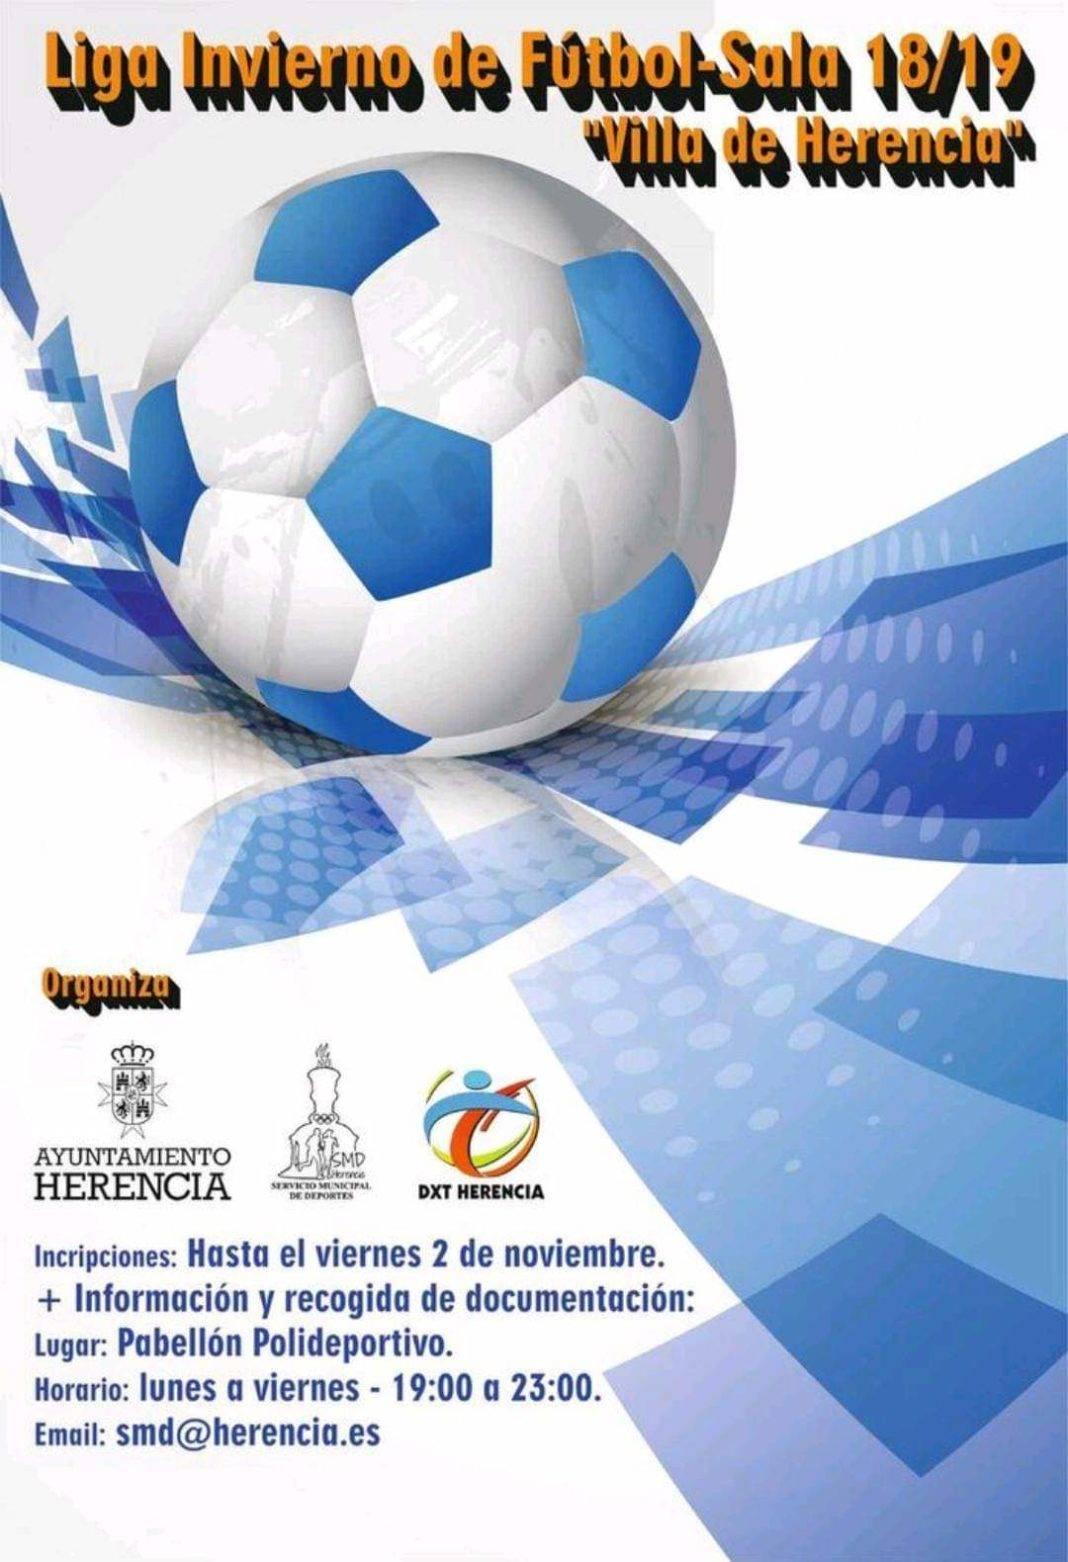 """Vuelve la Liga de Invierno de Fútbol Sala 2018-2019 """"Villa de Herencia"""" 4"""